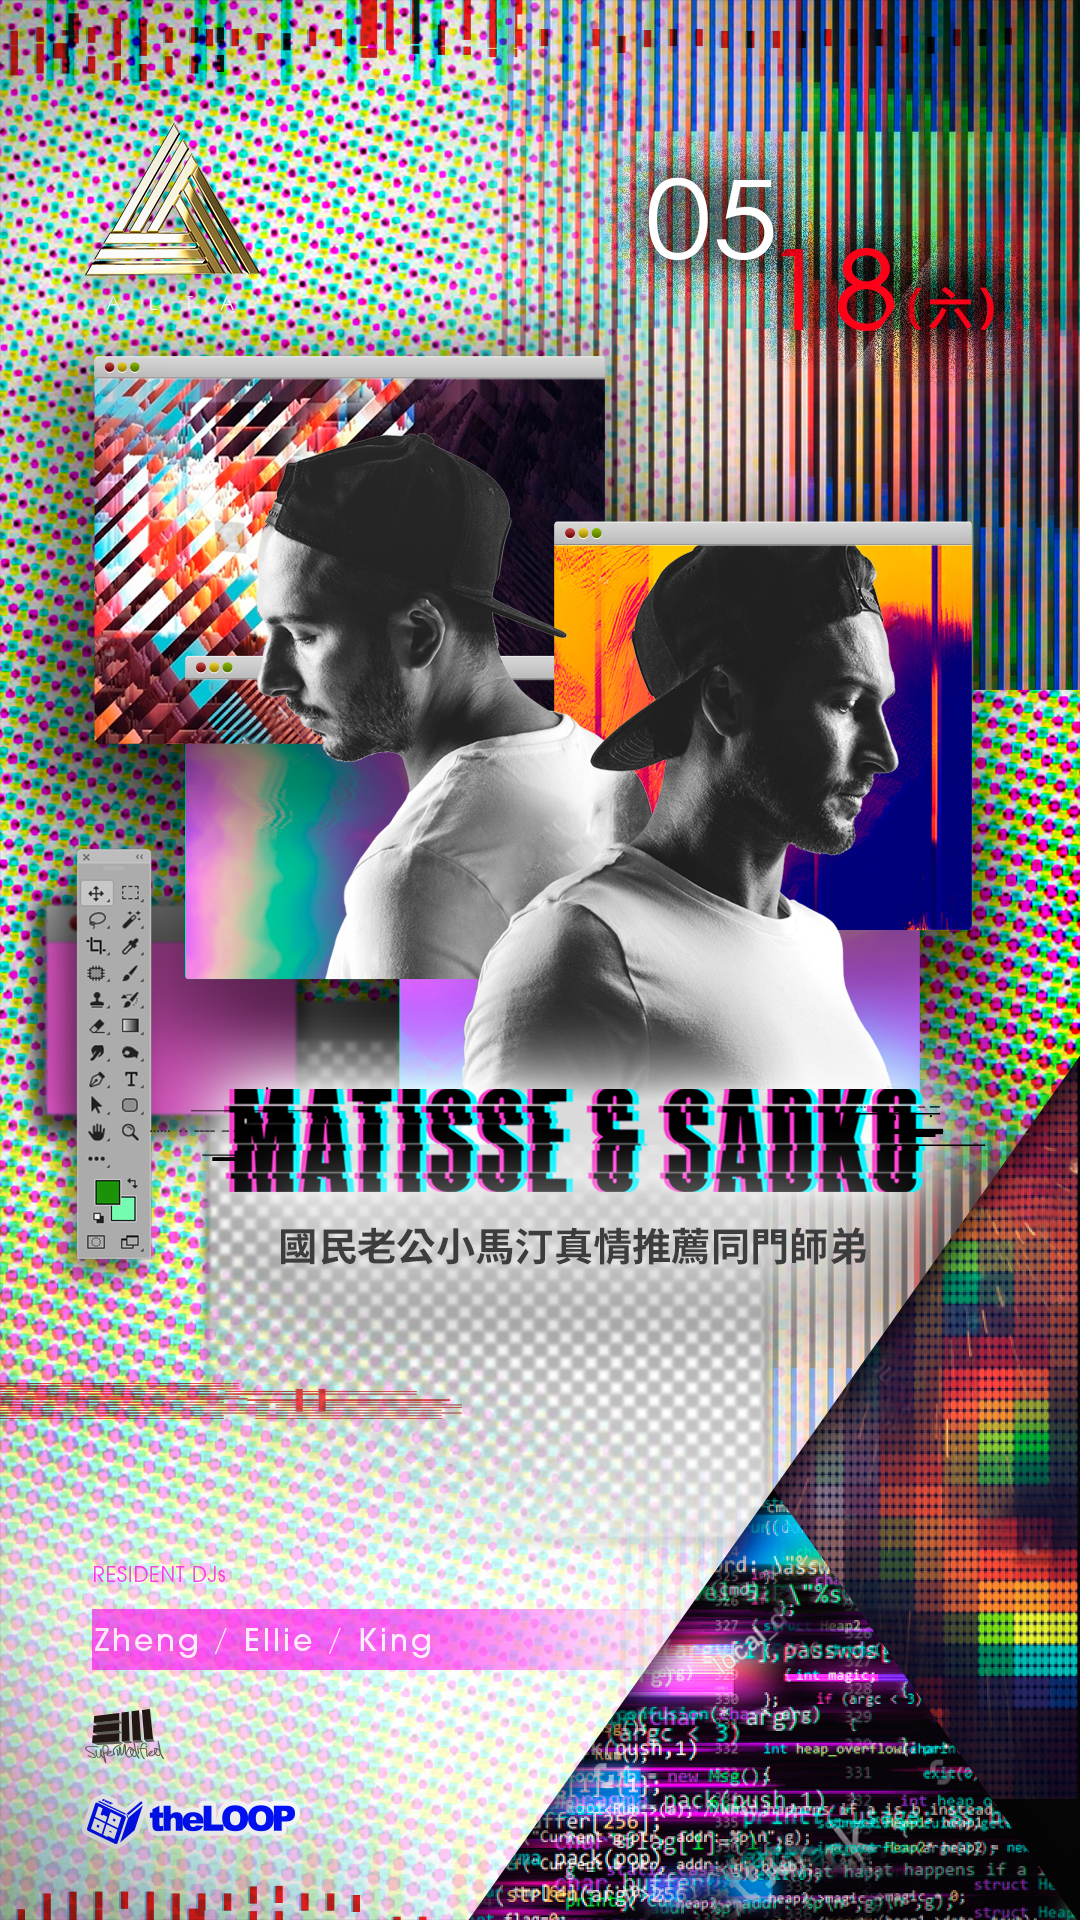 190518_Matisse & Sadko_直1920_A.jpg